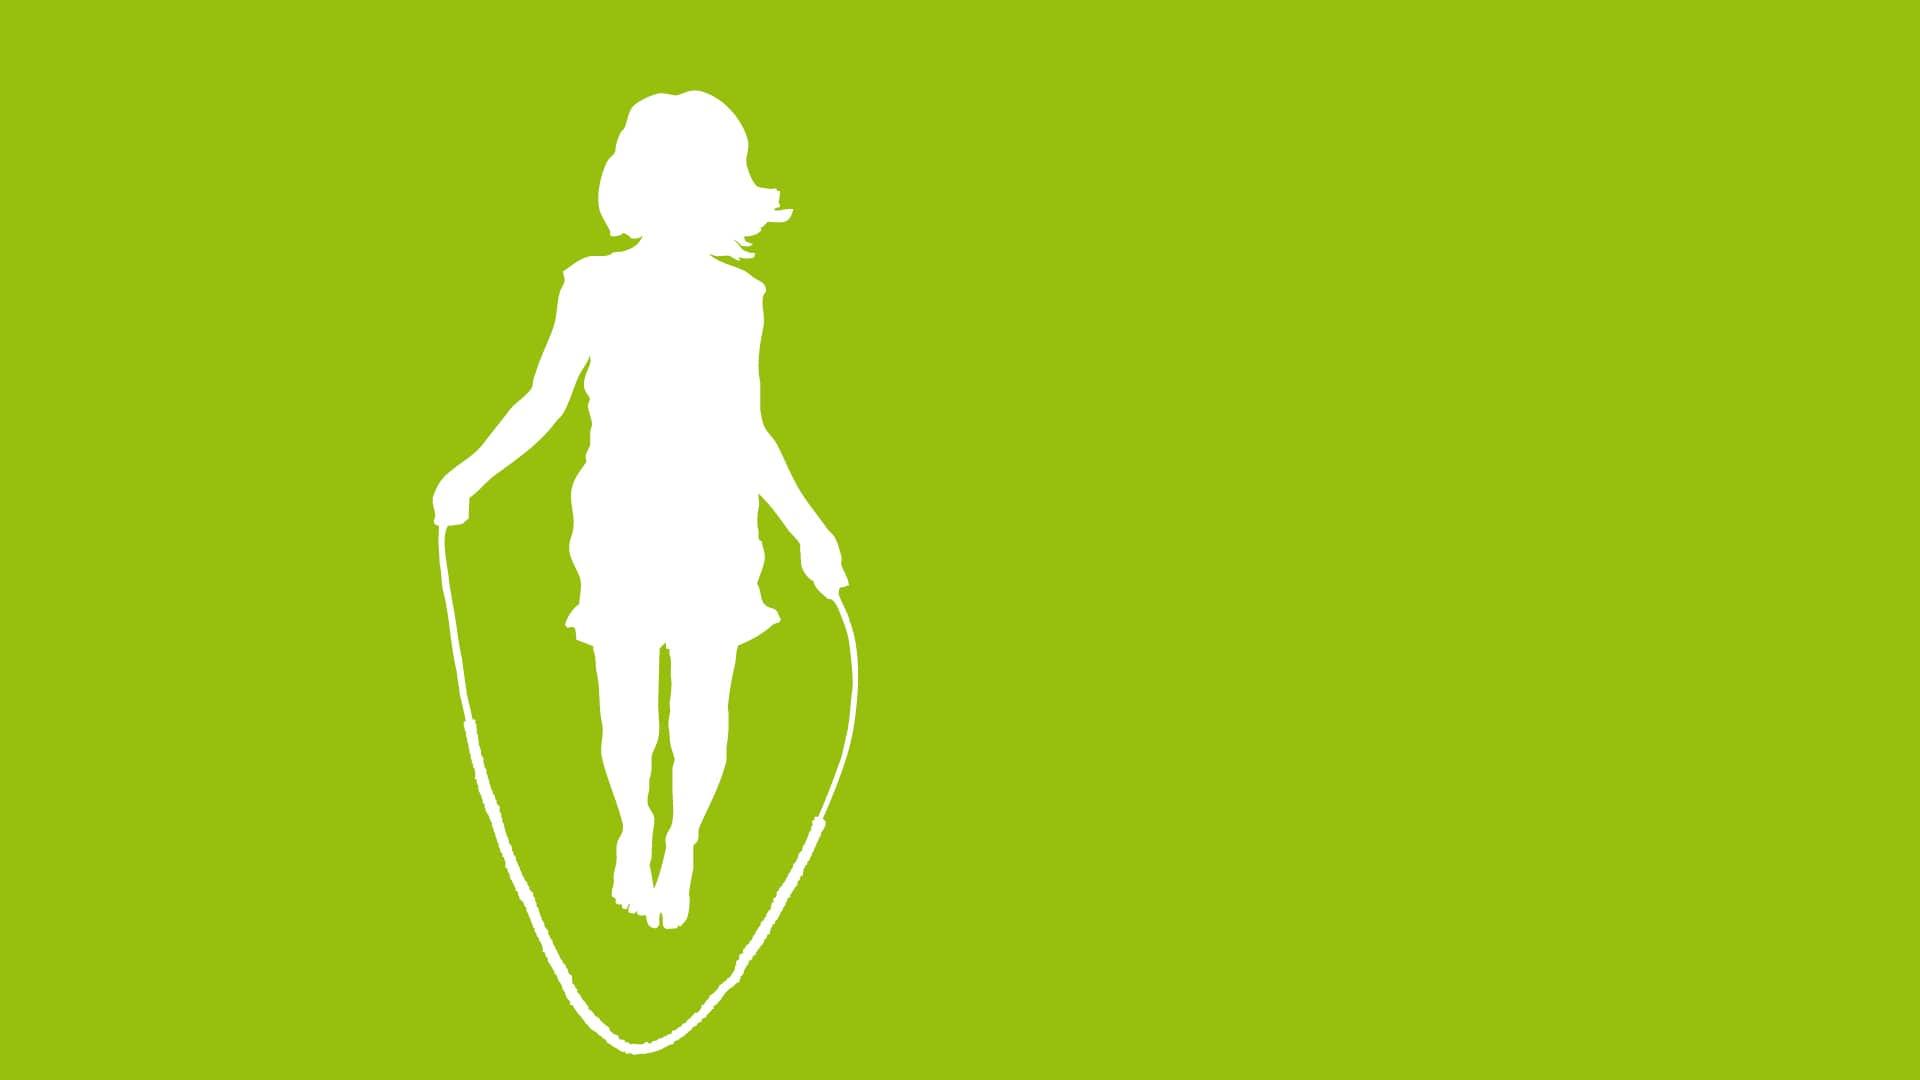 Micheely Silhouetten2 - Augen auf und durch – Corporate Design, Grafikdesign, Kommunikationsdesign, Werbetechnik, Illustration